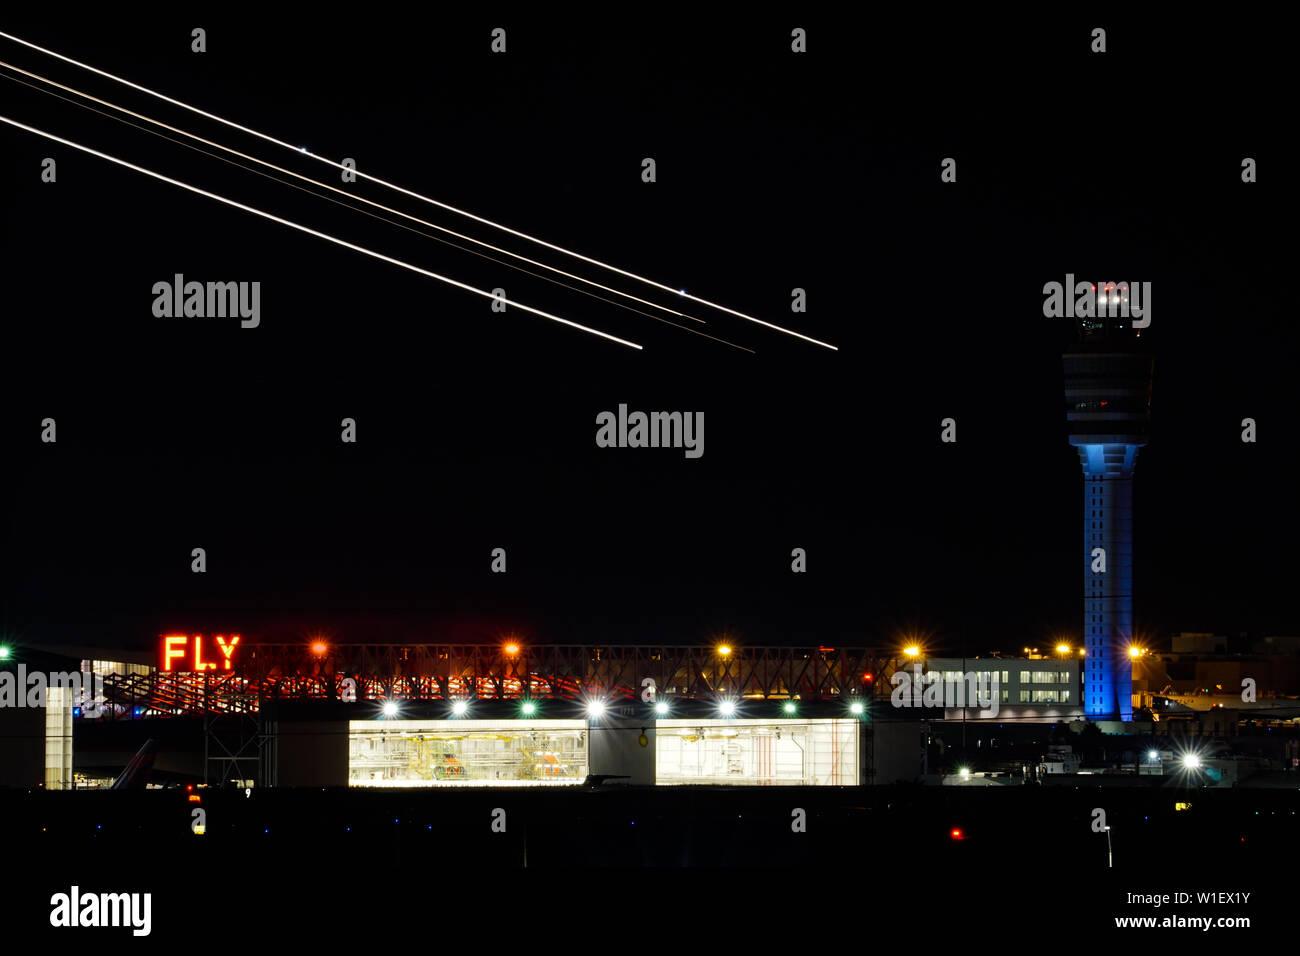 Atlanta, GA / USA : 27. Maggio, 2015 - vista serale di Atlanta aeroporto internazionale con il controllo del traffico aereo e le strisce di gli aerei che decollano su Foto Stock